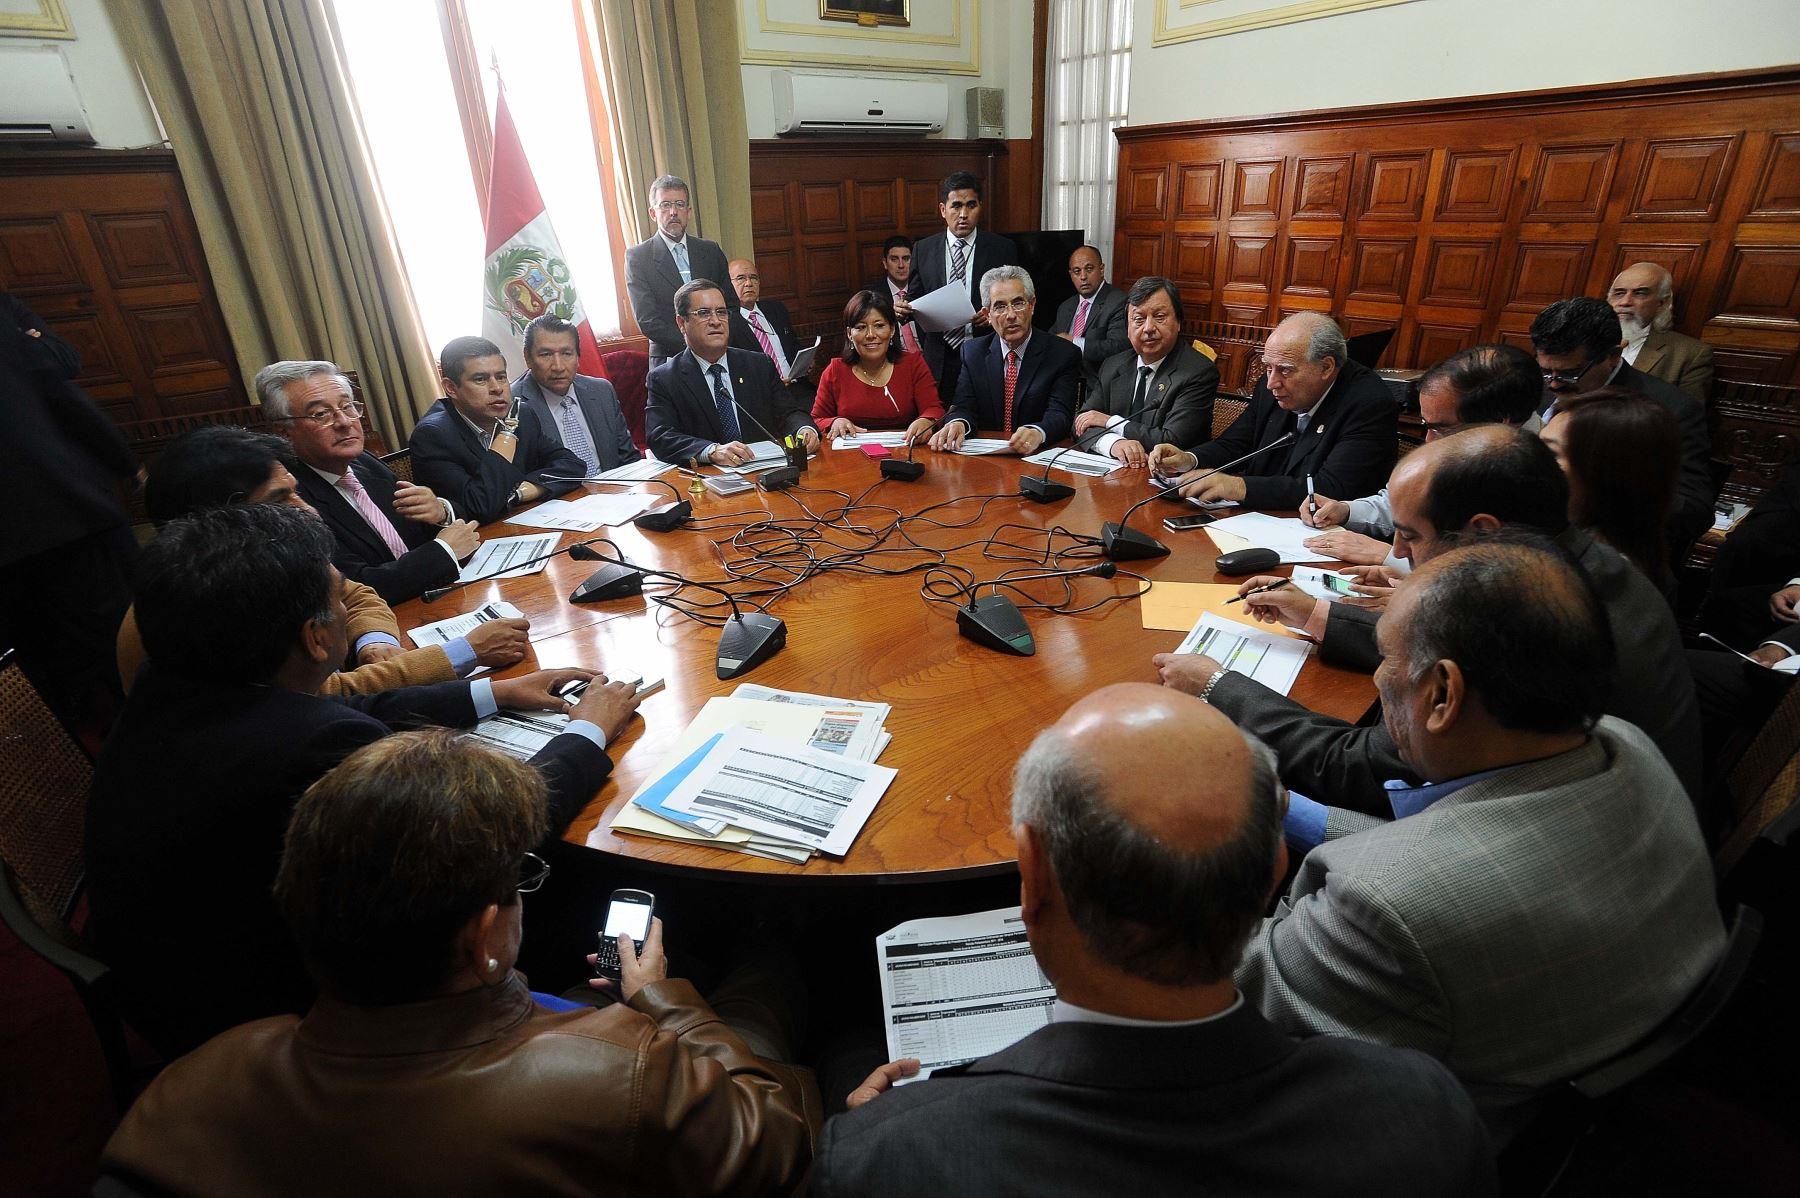 Junta de Portavoces del Congreso periodo 2015-2016.